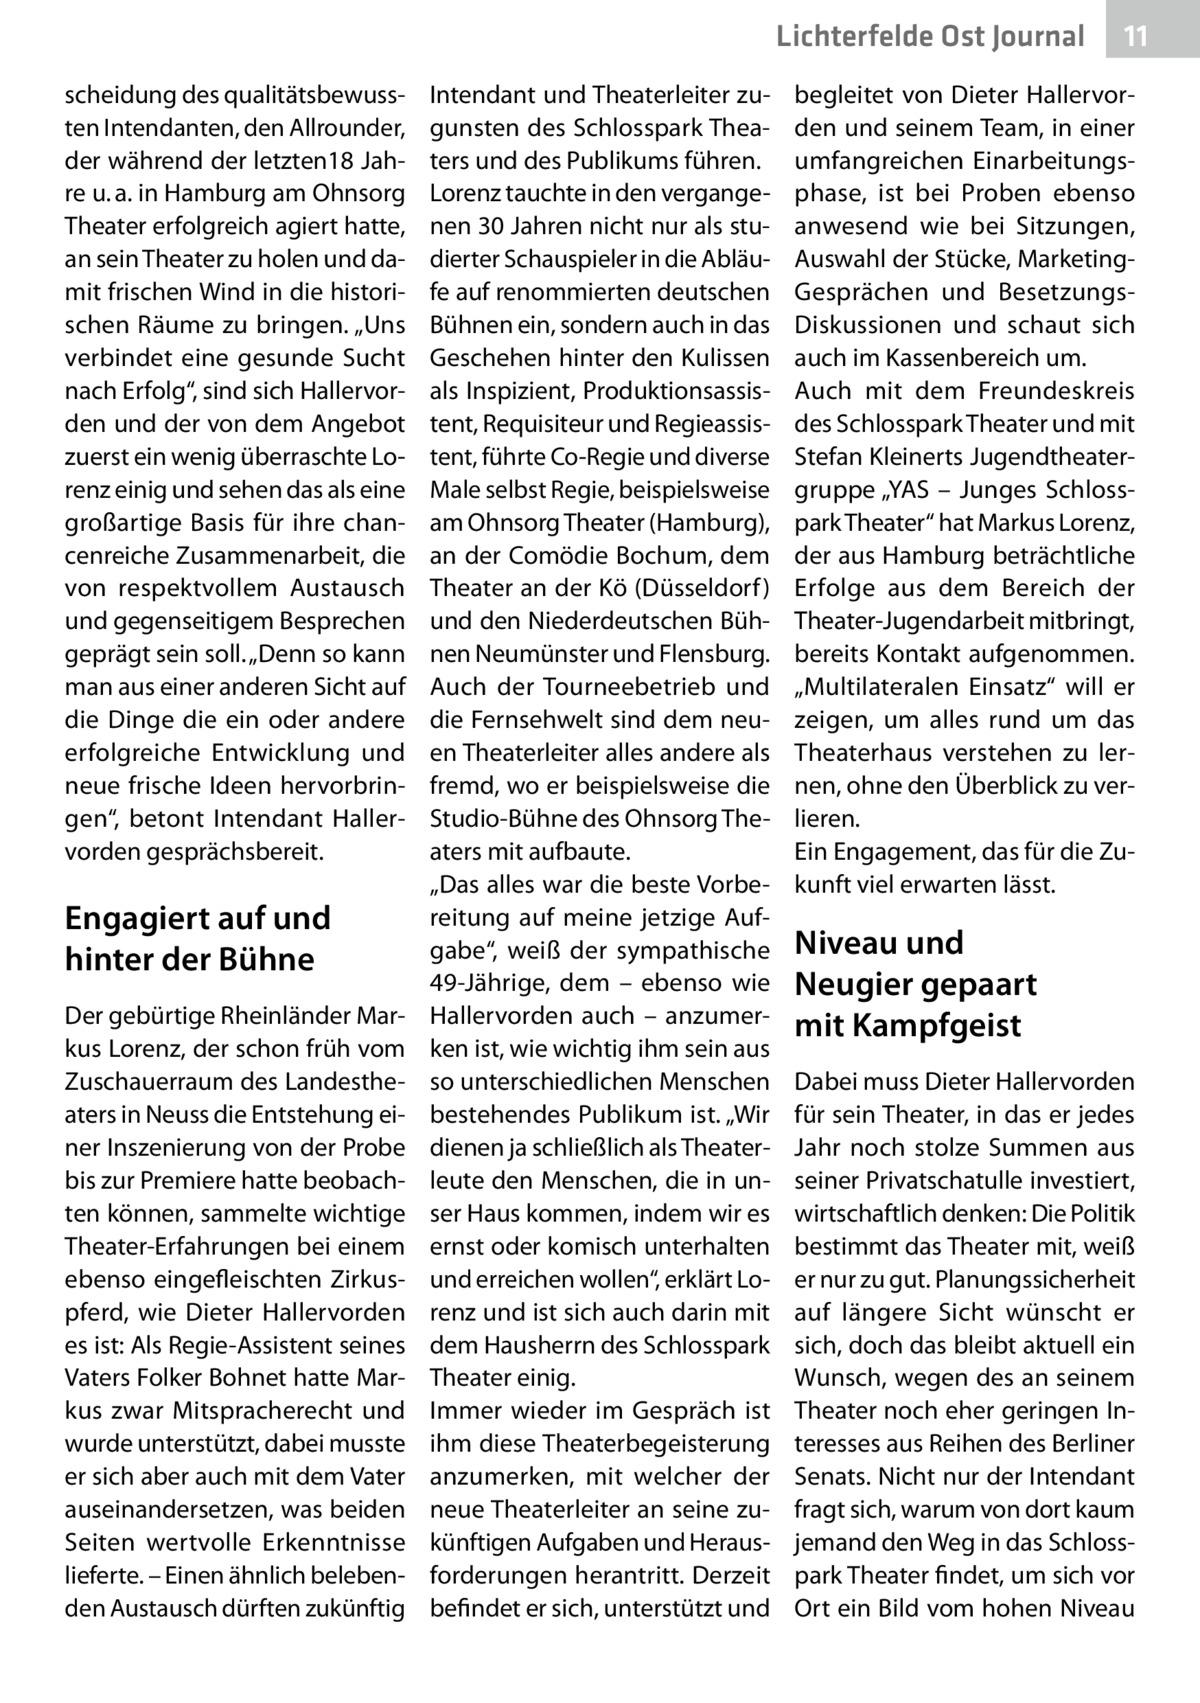 """Lichterfelde Ost Journal scheidung des qualitätsbewussten Intendanten, den Allrounder, der während der letzten18Jahre u.a. in Hamburg am Ohnsorg Theater erfolgreich agiert hatte, an sein Theater zu holen und damit frischen Wind in die historischen Räume zu bringen. """"Uns verbindet eine gesunde Sucht nach Erfolg"""", sind sich Hallervorden und der von dem Angebot zuerst ein wenig überraschte Lorenz einig und sehen das als eine großartige Basis für ihre chancenreiche Zusammenarbeit, die von respektvollem Austausch und gegenseitigem Besprechen geprägt sein soll. """"Denn so kann man aus einer anderen Sicht auf die Dinge die ein oder andere erfolgreiche Entwicklung und neue frische Ideen hervorbringen"""", betont Intendant Hallervorden gesprächsbereit.  Engagiert auf und hinter der Bühne Der gebürtige Rheinländer Markus Lorenz, der schon früh vom Zuschauerraum des Landestheaters in Neuss die Entstehung einer Inszenierung von der Probe bis zur Premiere hatte beobachten können, sammelte wichtige Theater-Erfahrungen bei einem ebenso eingefleischten Zirkuspferd, wie Dieter Hallervorden es ist: Als Regie-Assistent seines Vaters Folker Bohnet hatte Markus zwar Mitspracherecht und wurde unterstützt, dabei musste er sich aber auch mit dem Vater auseinandersetzen, was beiden Seiten wertvolle Erkenntnisse lieferte. – Einen ähnlich belebenden Austausch dürften zukünftig  Intendant und Theaterleiter zugunsten des Schlosspark Theaters und des Publikums führen. Lorenz tauchte in den vergangenen 30Jahren nicht nur als studierter Schauspieler in die Abläufe auf renommierten deutschen Bühnen ein, sondern auch in das Geschehen hinter den Kulissen als Inspizient, Produktionsassistent, Requisiteur und Regieassistent, führte Co-Regie und diverse Male selbst Regie, beispielsweise am Ohnsorg Theater (Hamburg), an der Comödie Bochum, dem Theater an der Kö (Düsseldorf ) und den Niederdeutschen Bühnen Neumünster und Flensburg. Auch der Tourneebetrieb und die Fernsehwelt sind dem neuen Theaterleiter alles """